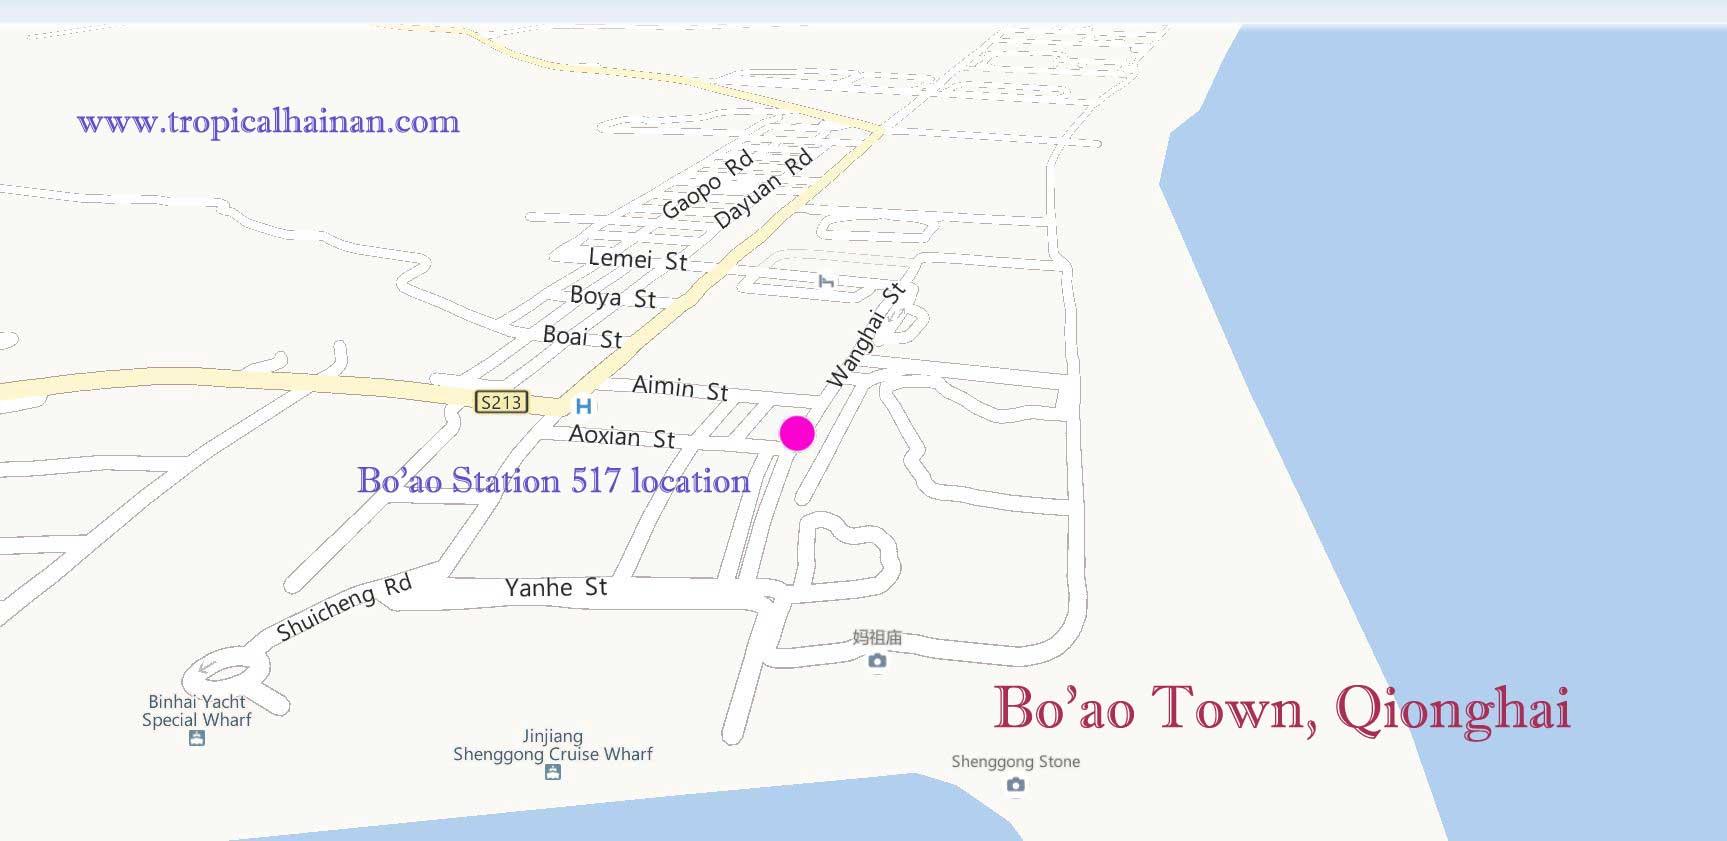 Boao Station 517 location